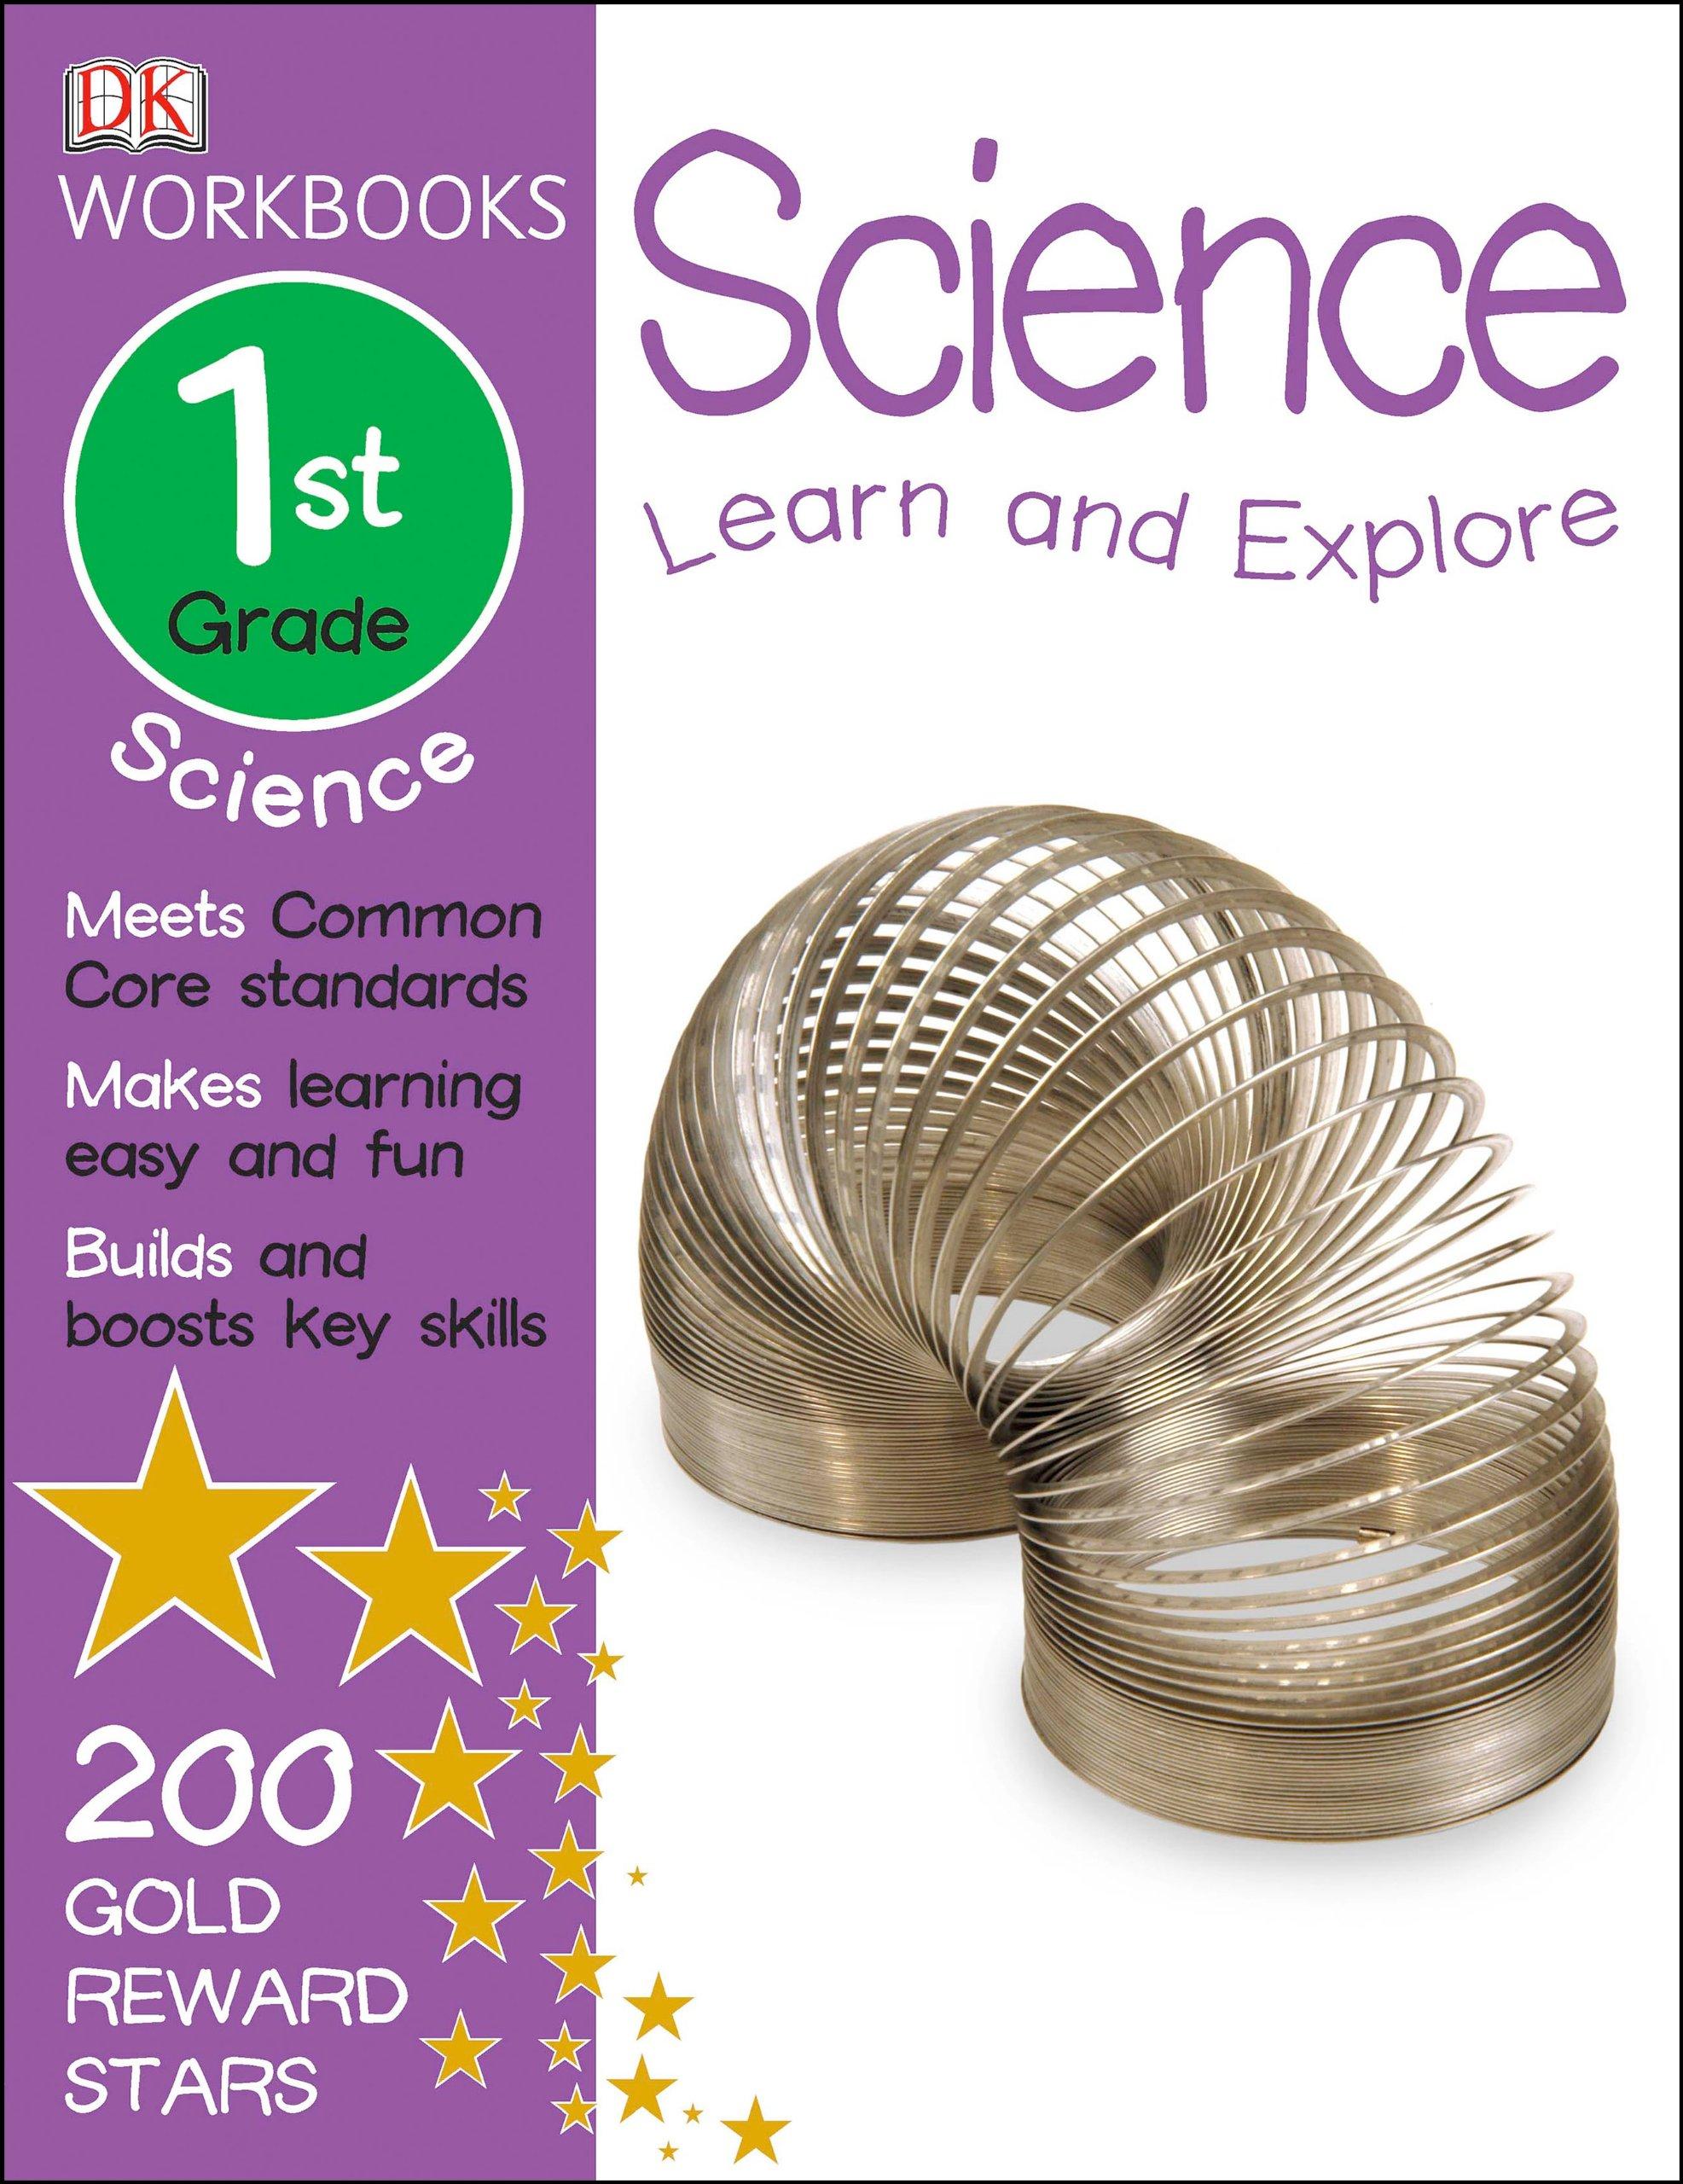 math worksheet : dk workbooks science first grade dk publishing 9781465417282  : First Grade Workbooks